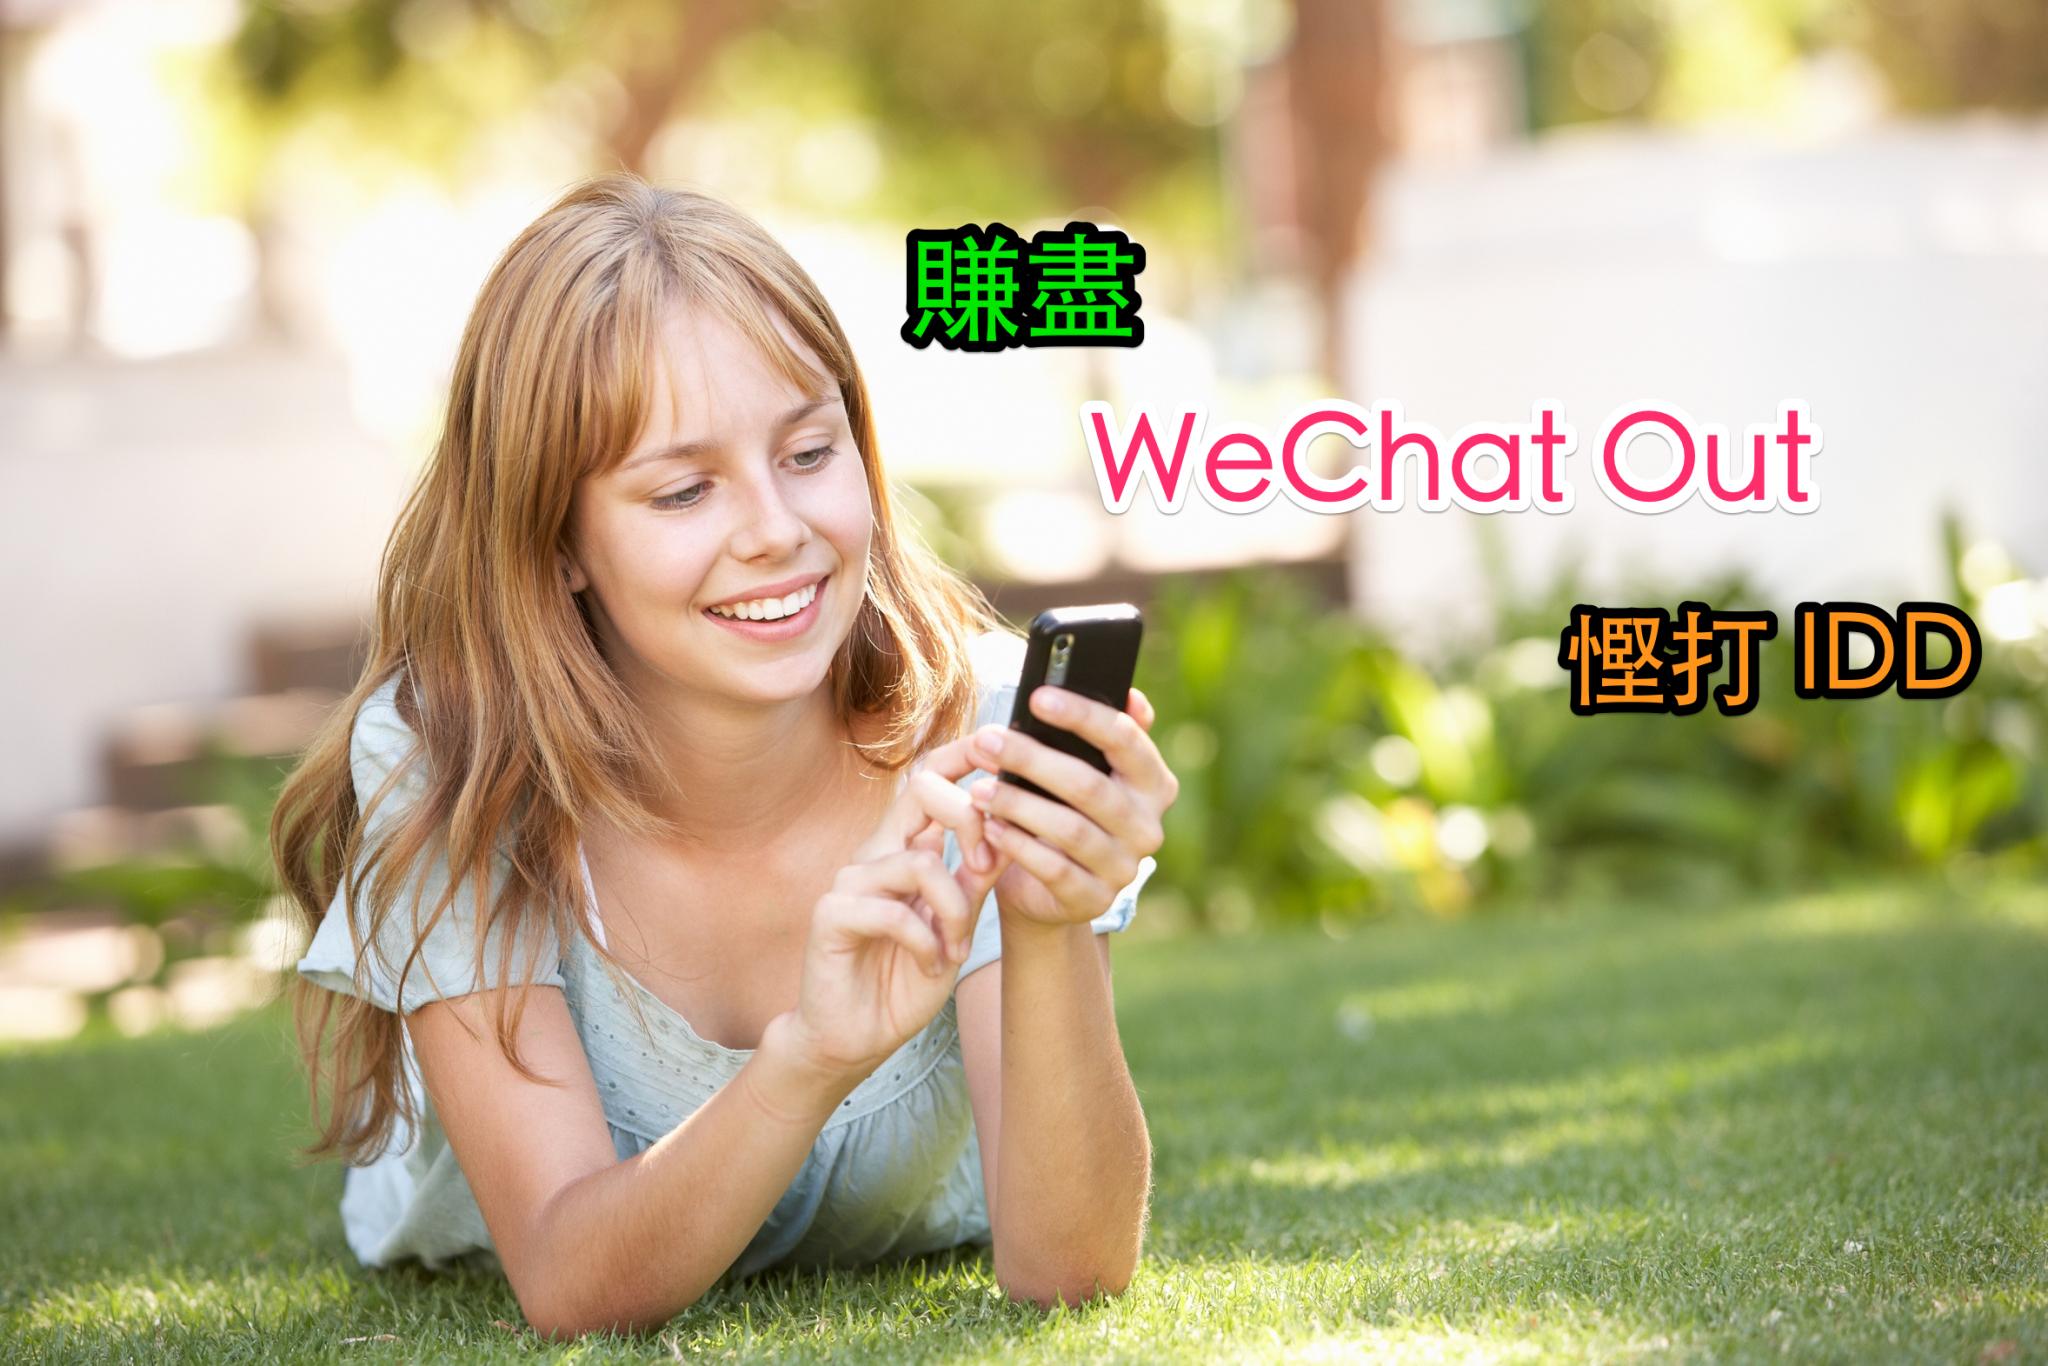 想慳長途電話費?拎盡 WeChat Out 100 分鐘通話時間